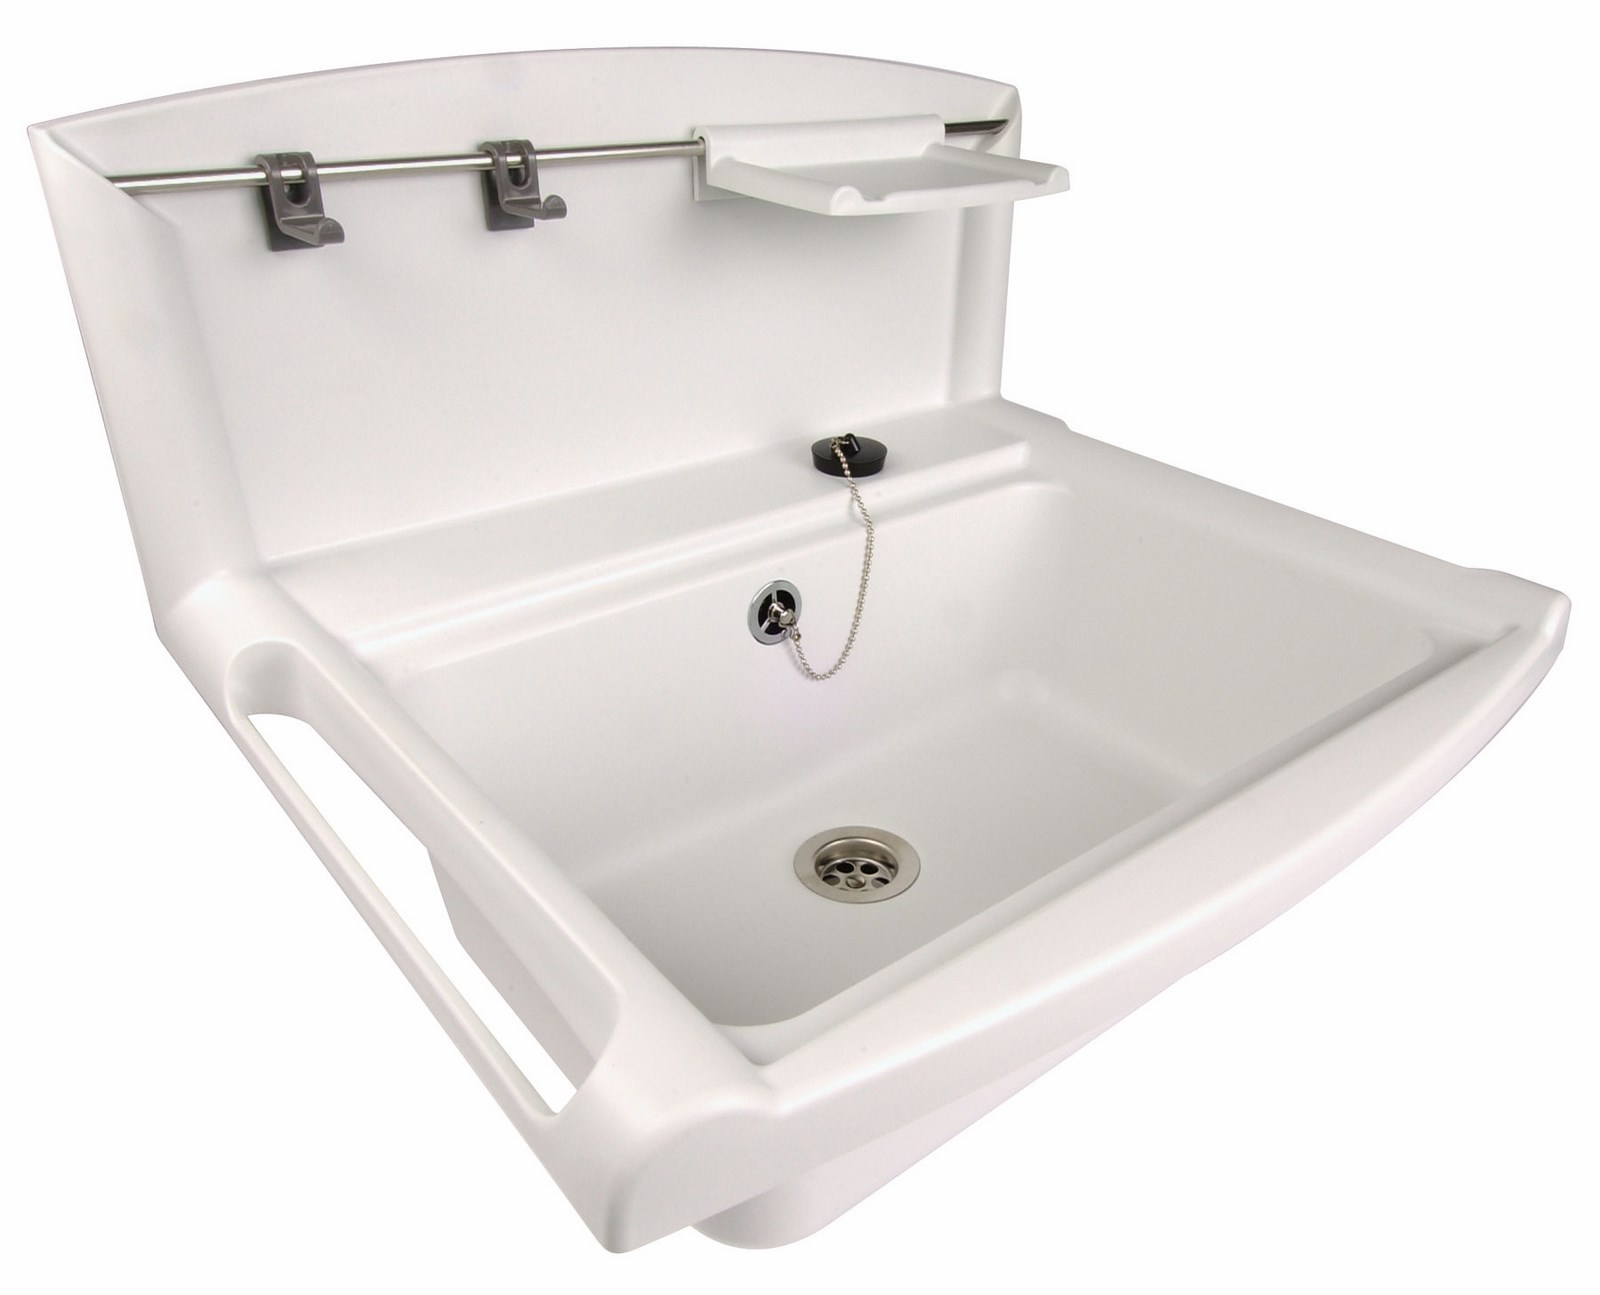 Poste d 39 39 eau multifonction nicoll nicoll - Meuble buanderie avec bac a laver ...